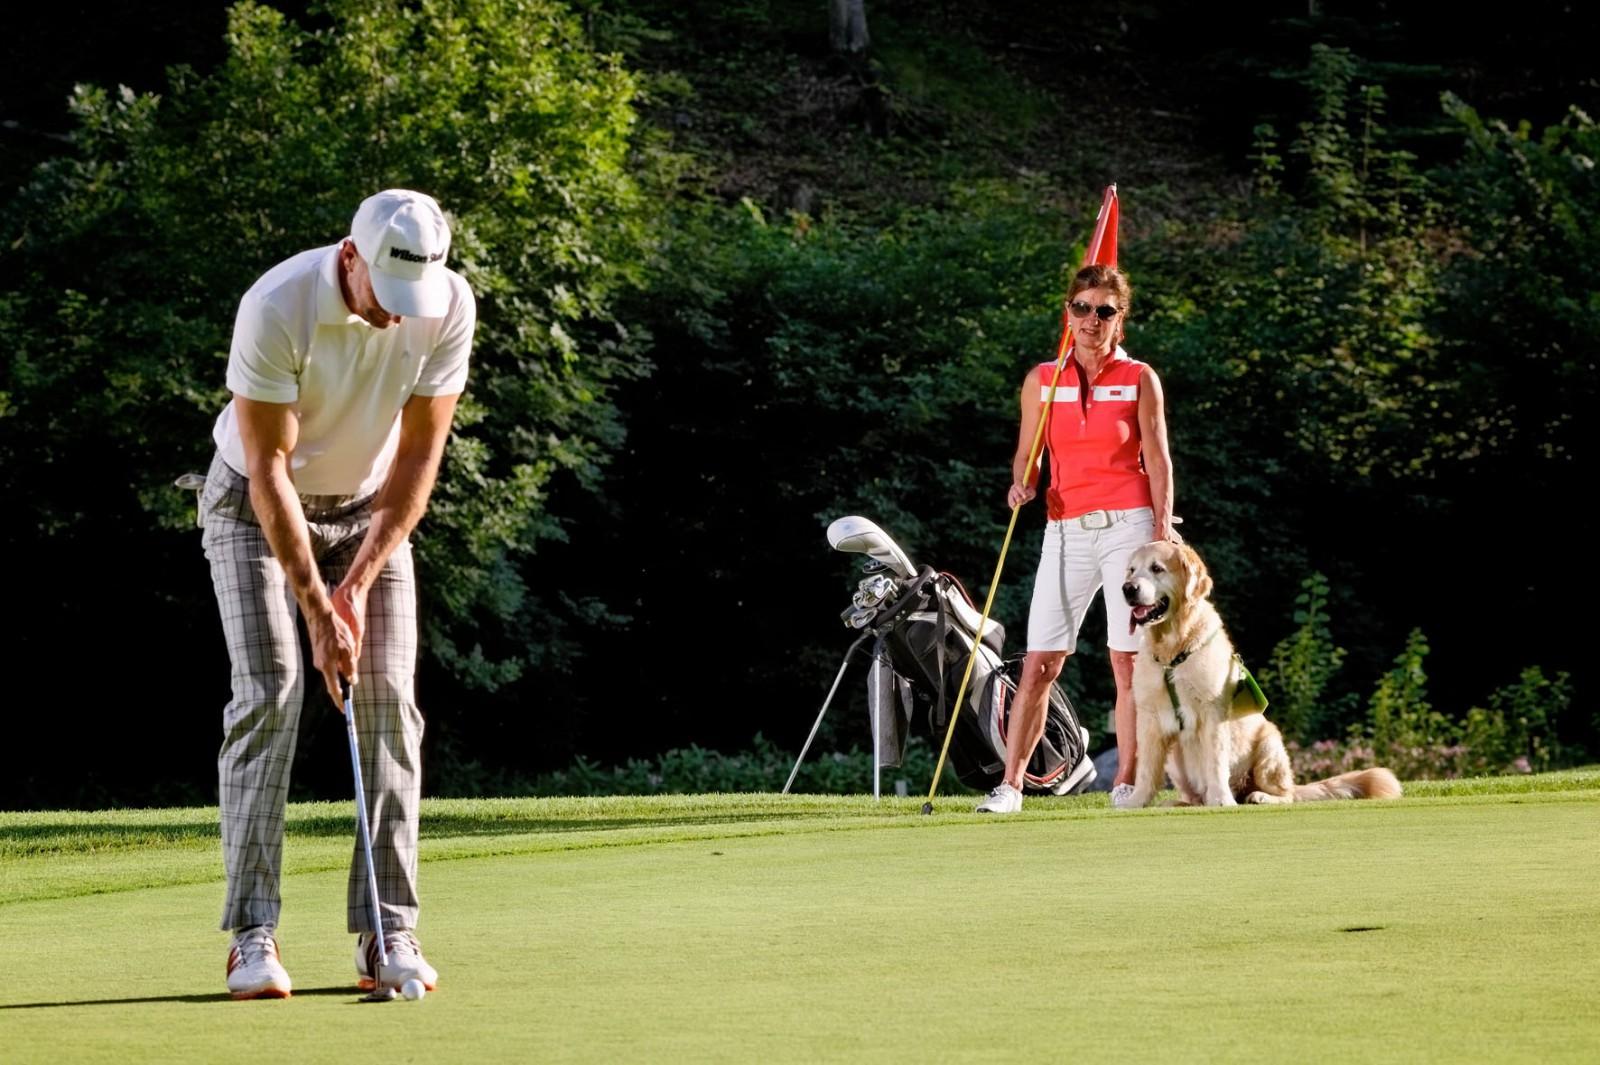 Bei der Golf-Platzreife für Hunde gilt es zwölf Grundsätze zu beachten!Foto: Hotel & Golfclub Gut Brandlhof